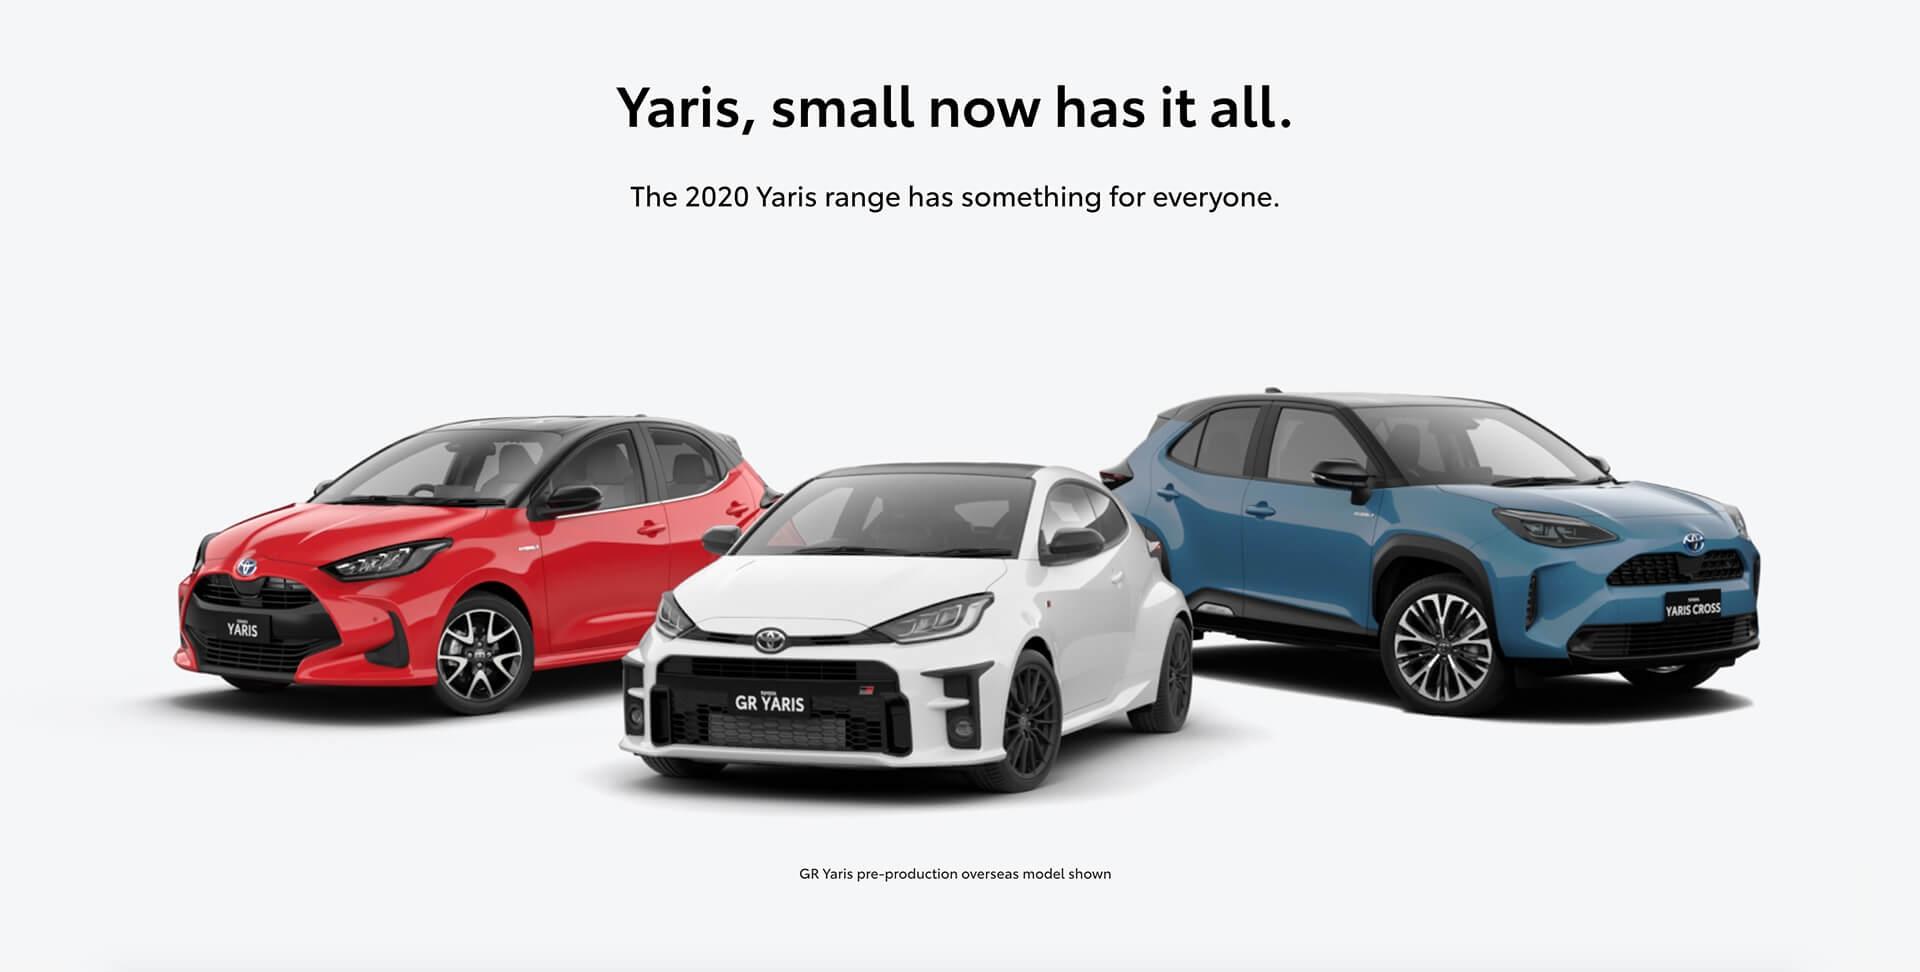 2020-Yaris-Range